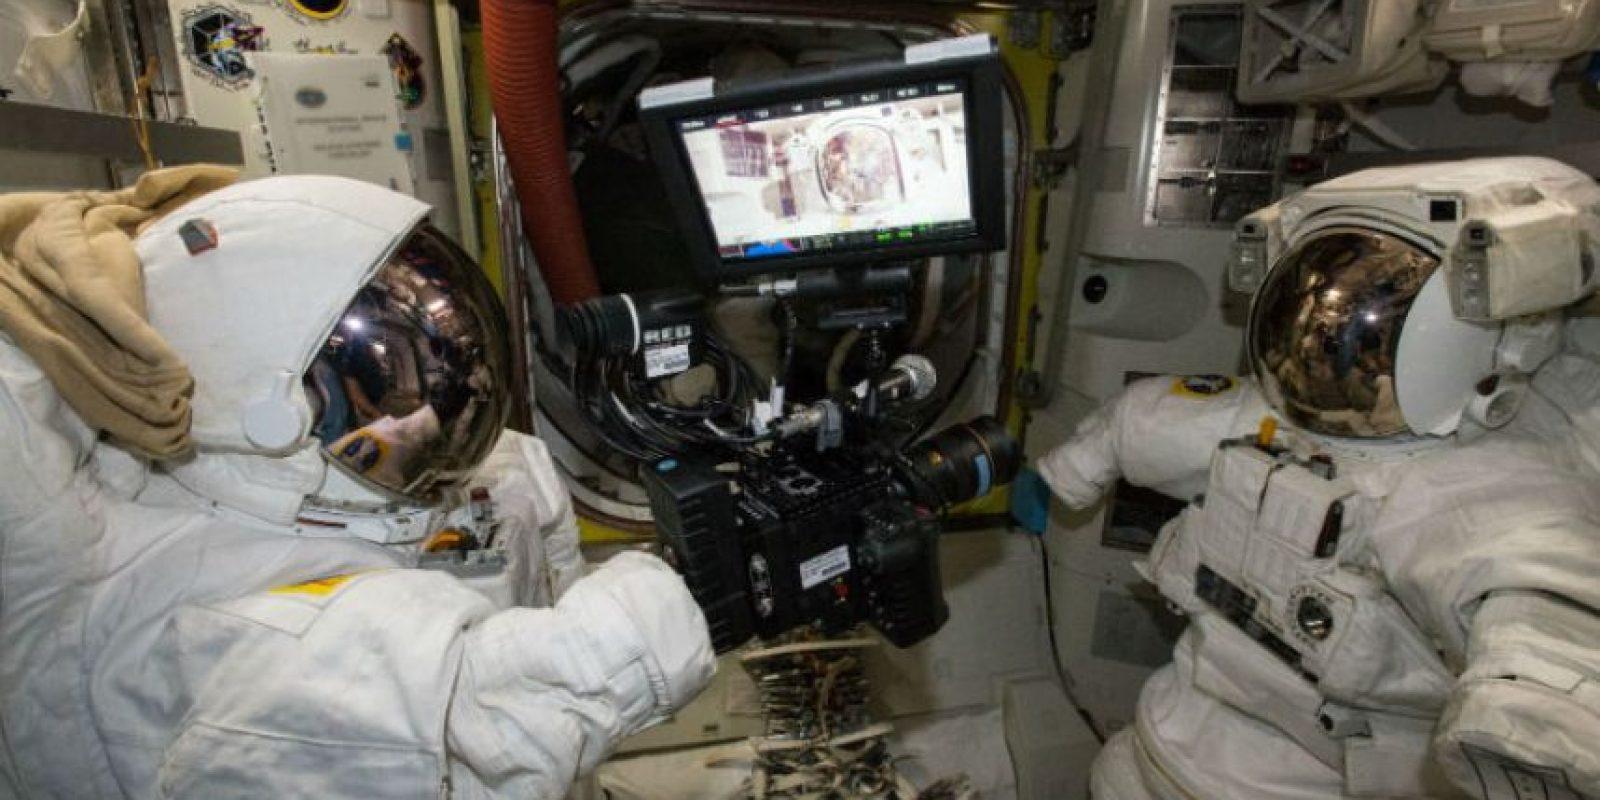 El video fue grabada con la nueva cámara de la Estación Espacial Internacional. Foto:Vía nasa.gov